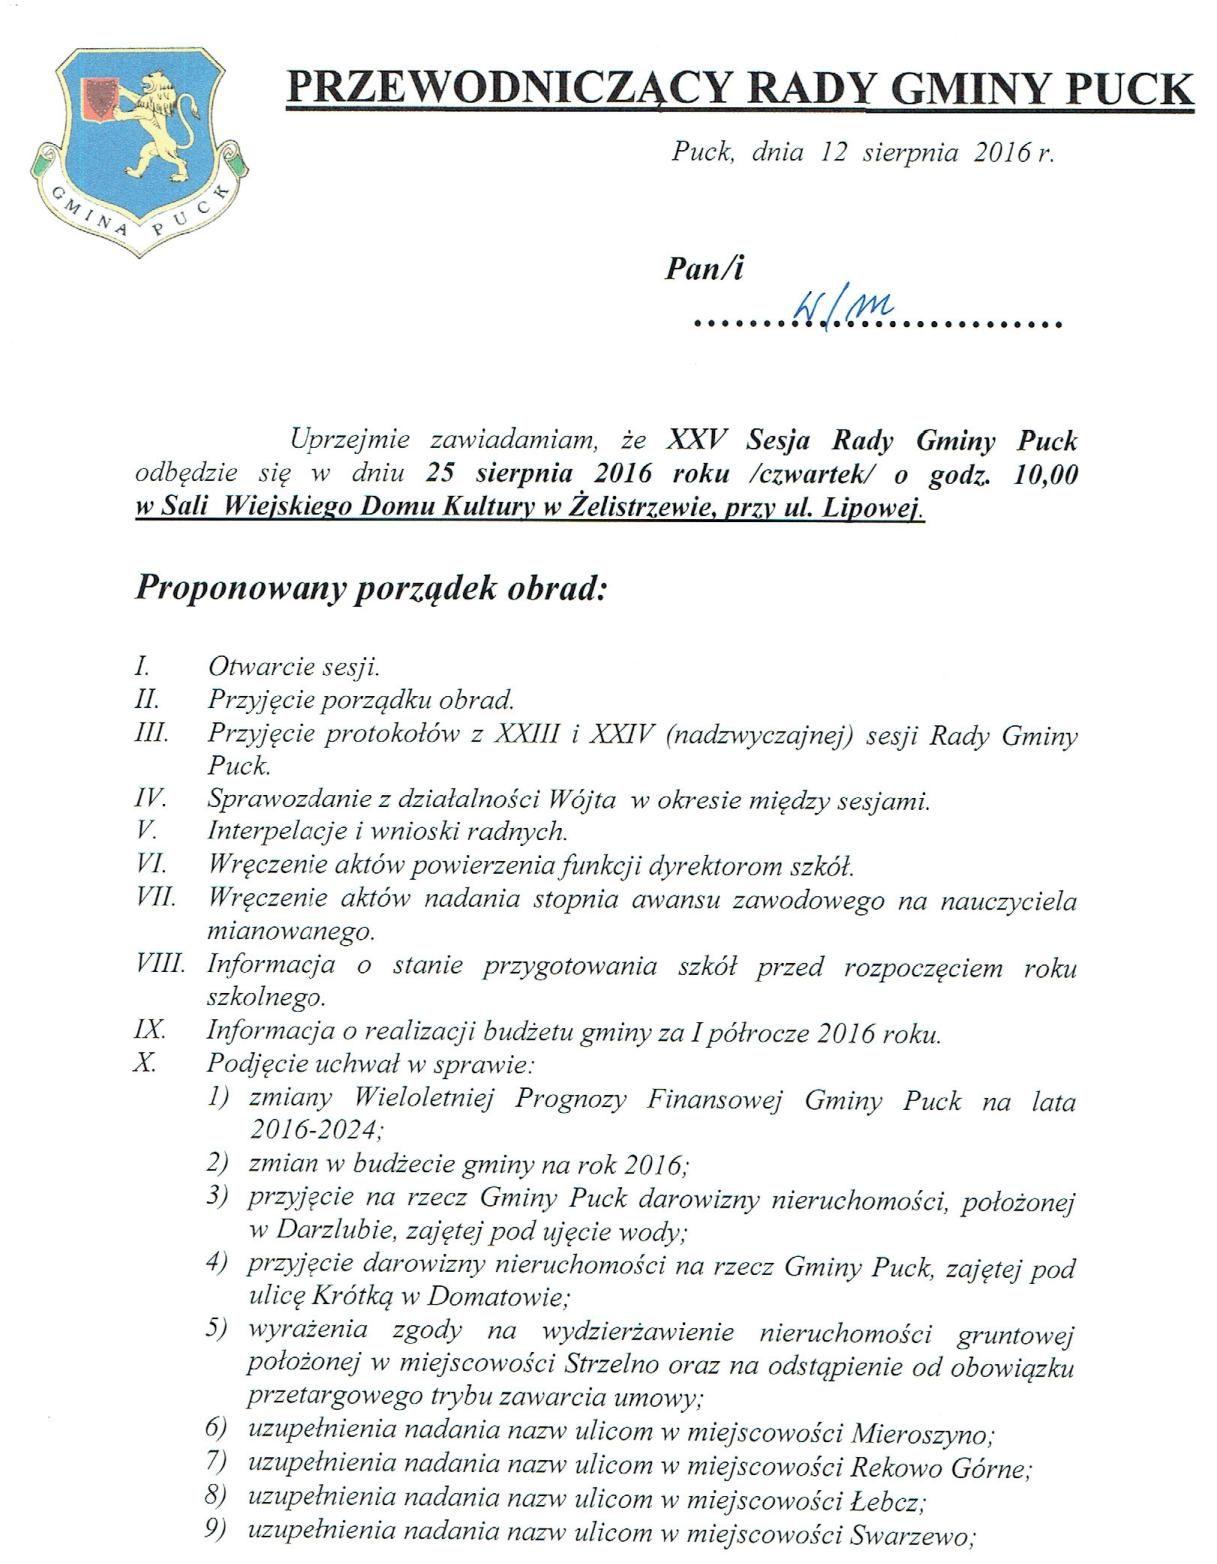 Proponowany porządek obrad XXV Sesji Rady Gminy Puck - dnia 25 sierpnia 2016 r._01